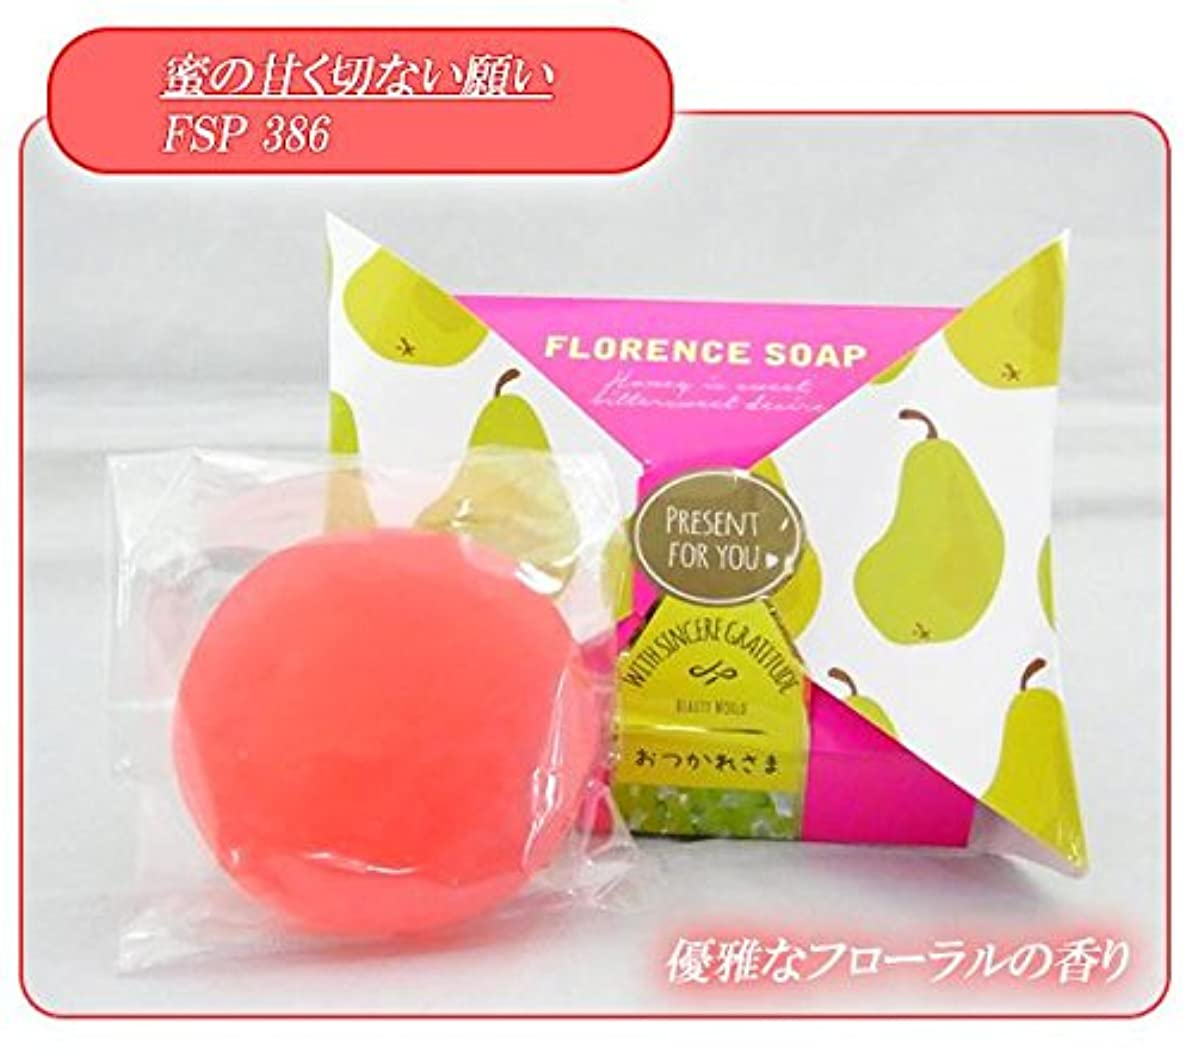 ナビゲーション標高役職ビューティーワールド BWフローレンスの香り石けん リボンパッケージ 6個セット 蜜の甘く切ない願い